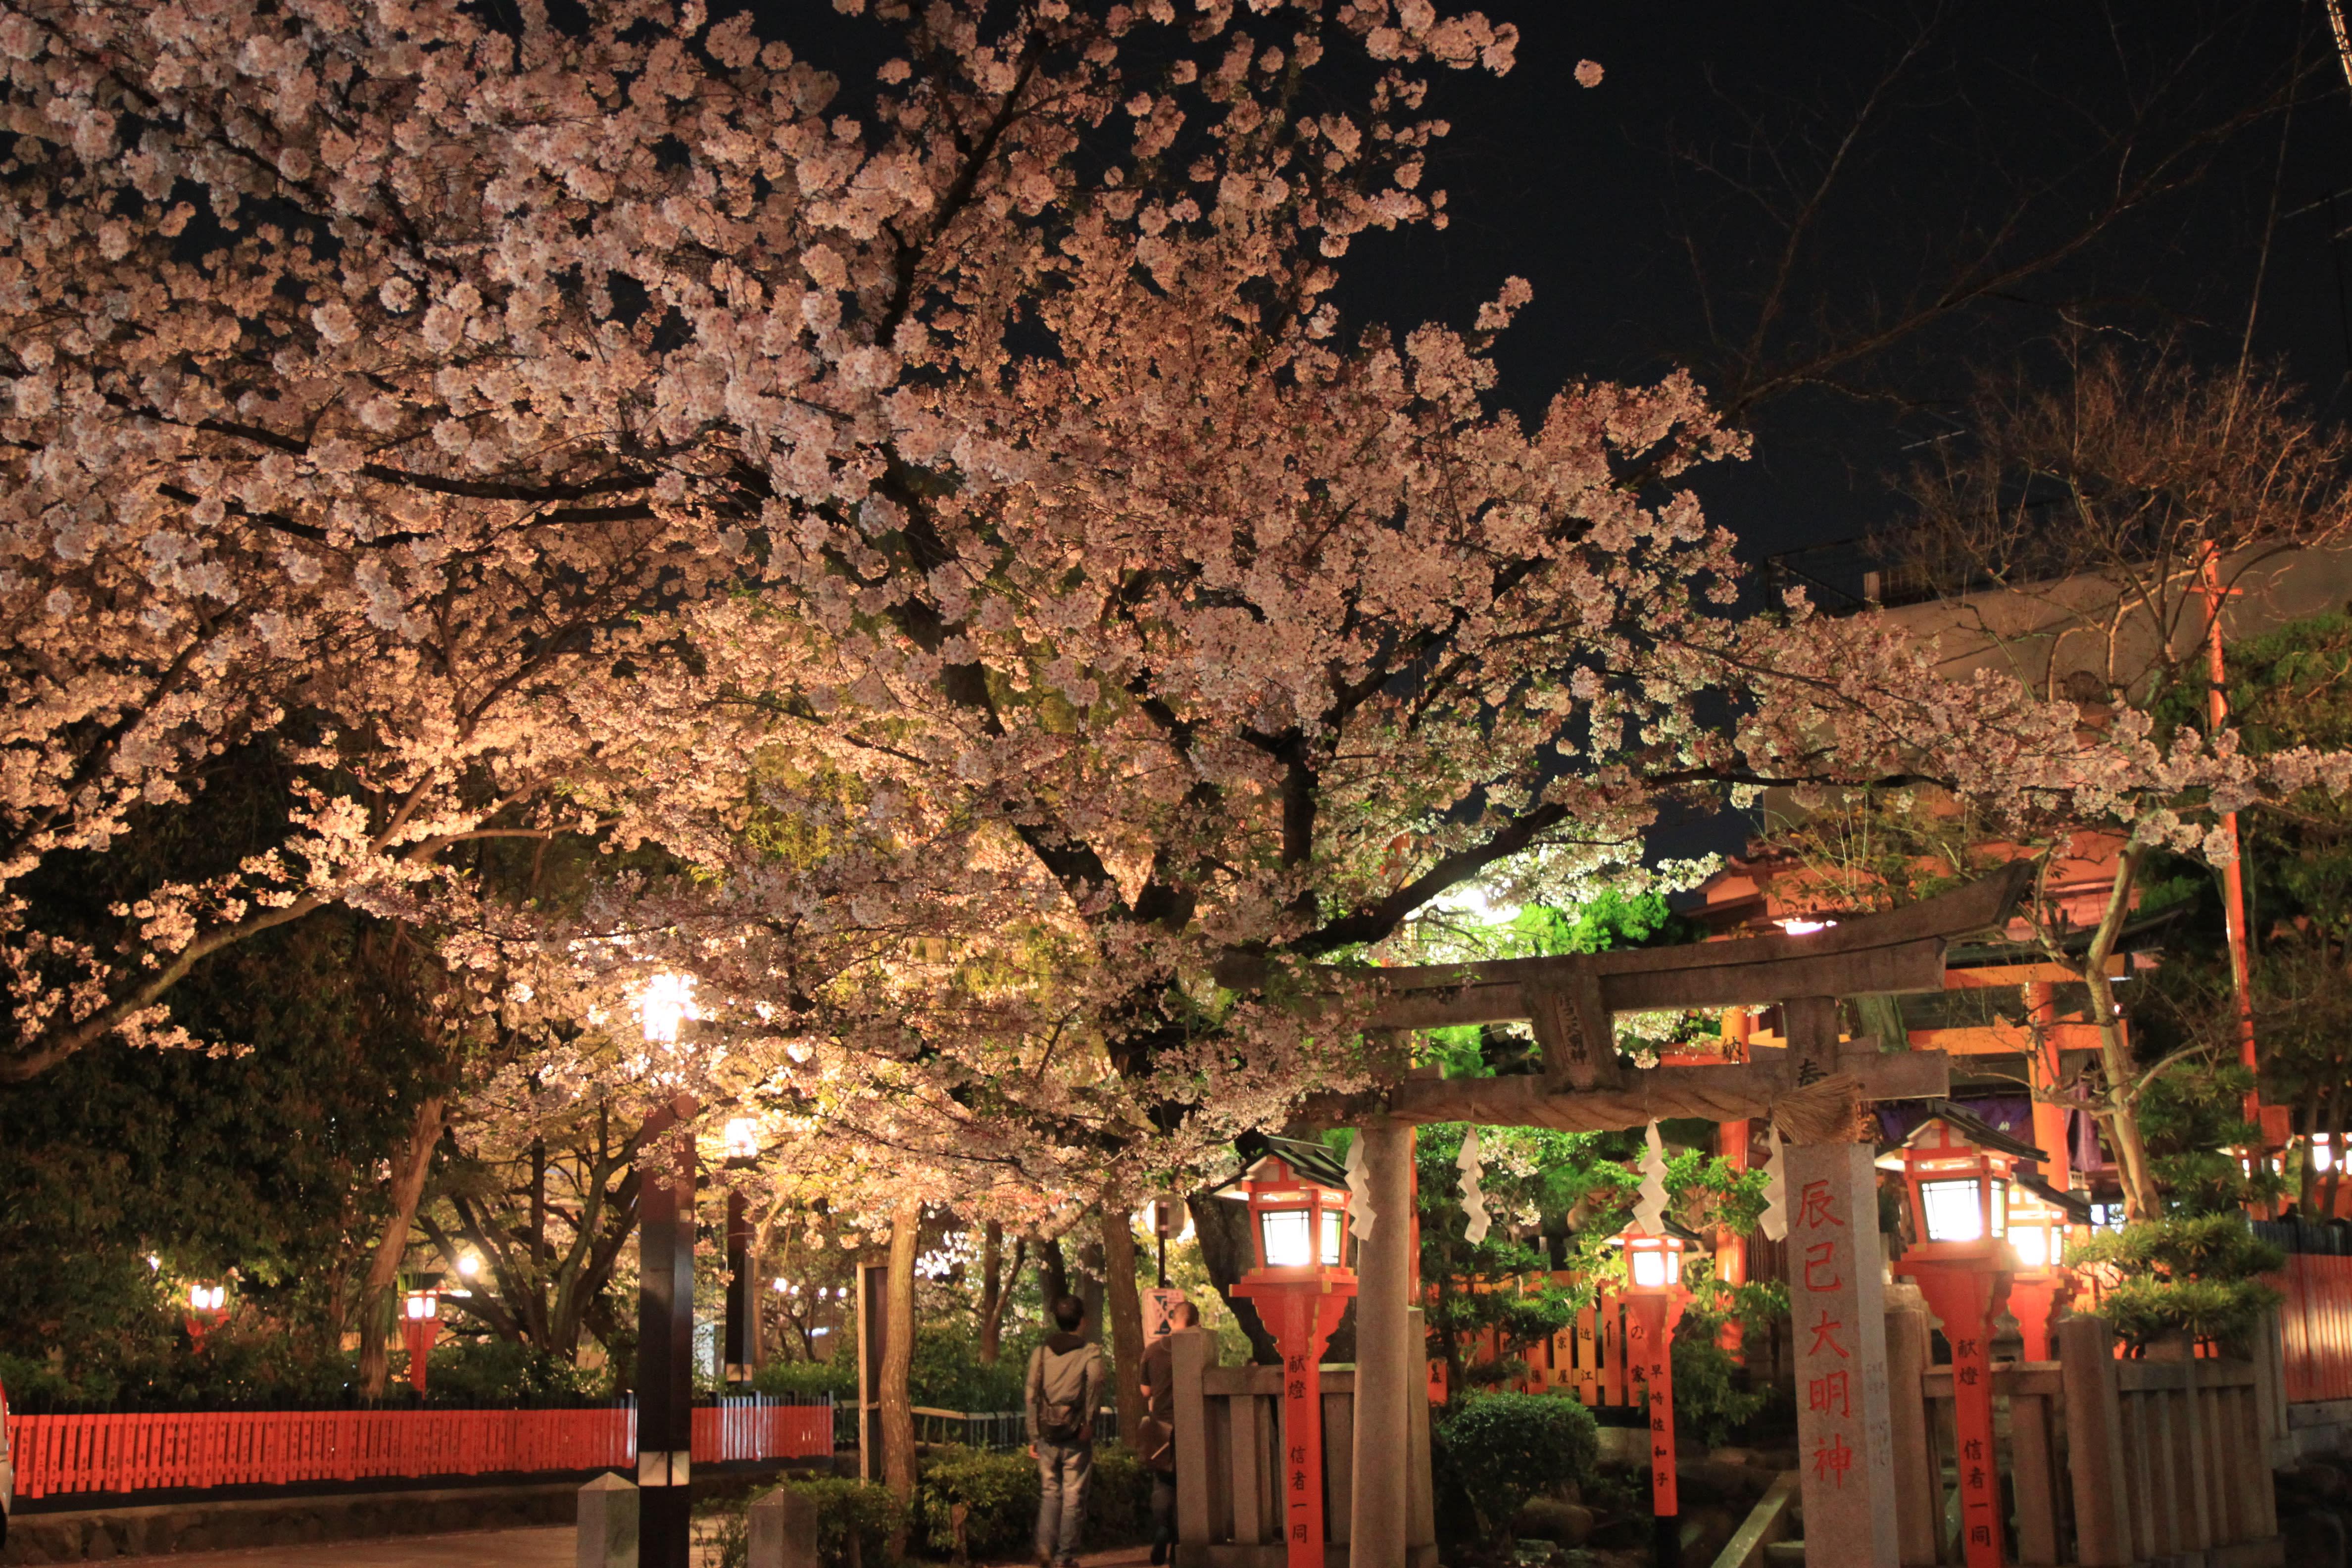 2019重新舉辦的「祇園白川櫻花祭夜間點燈」 來源:kyoto-design.jp